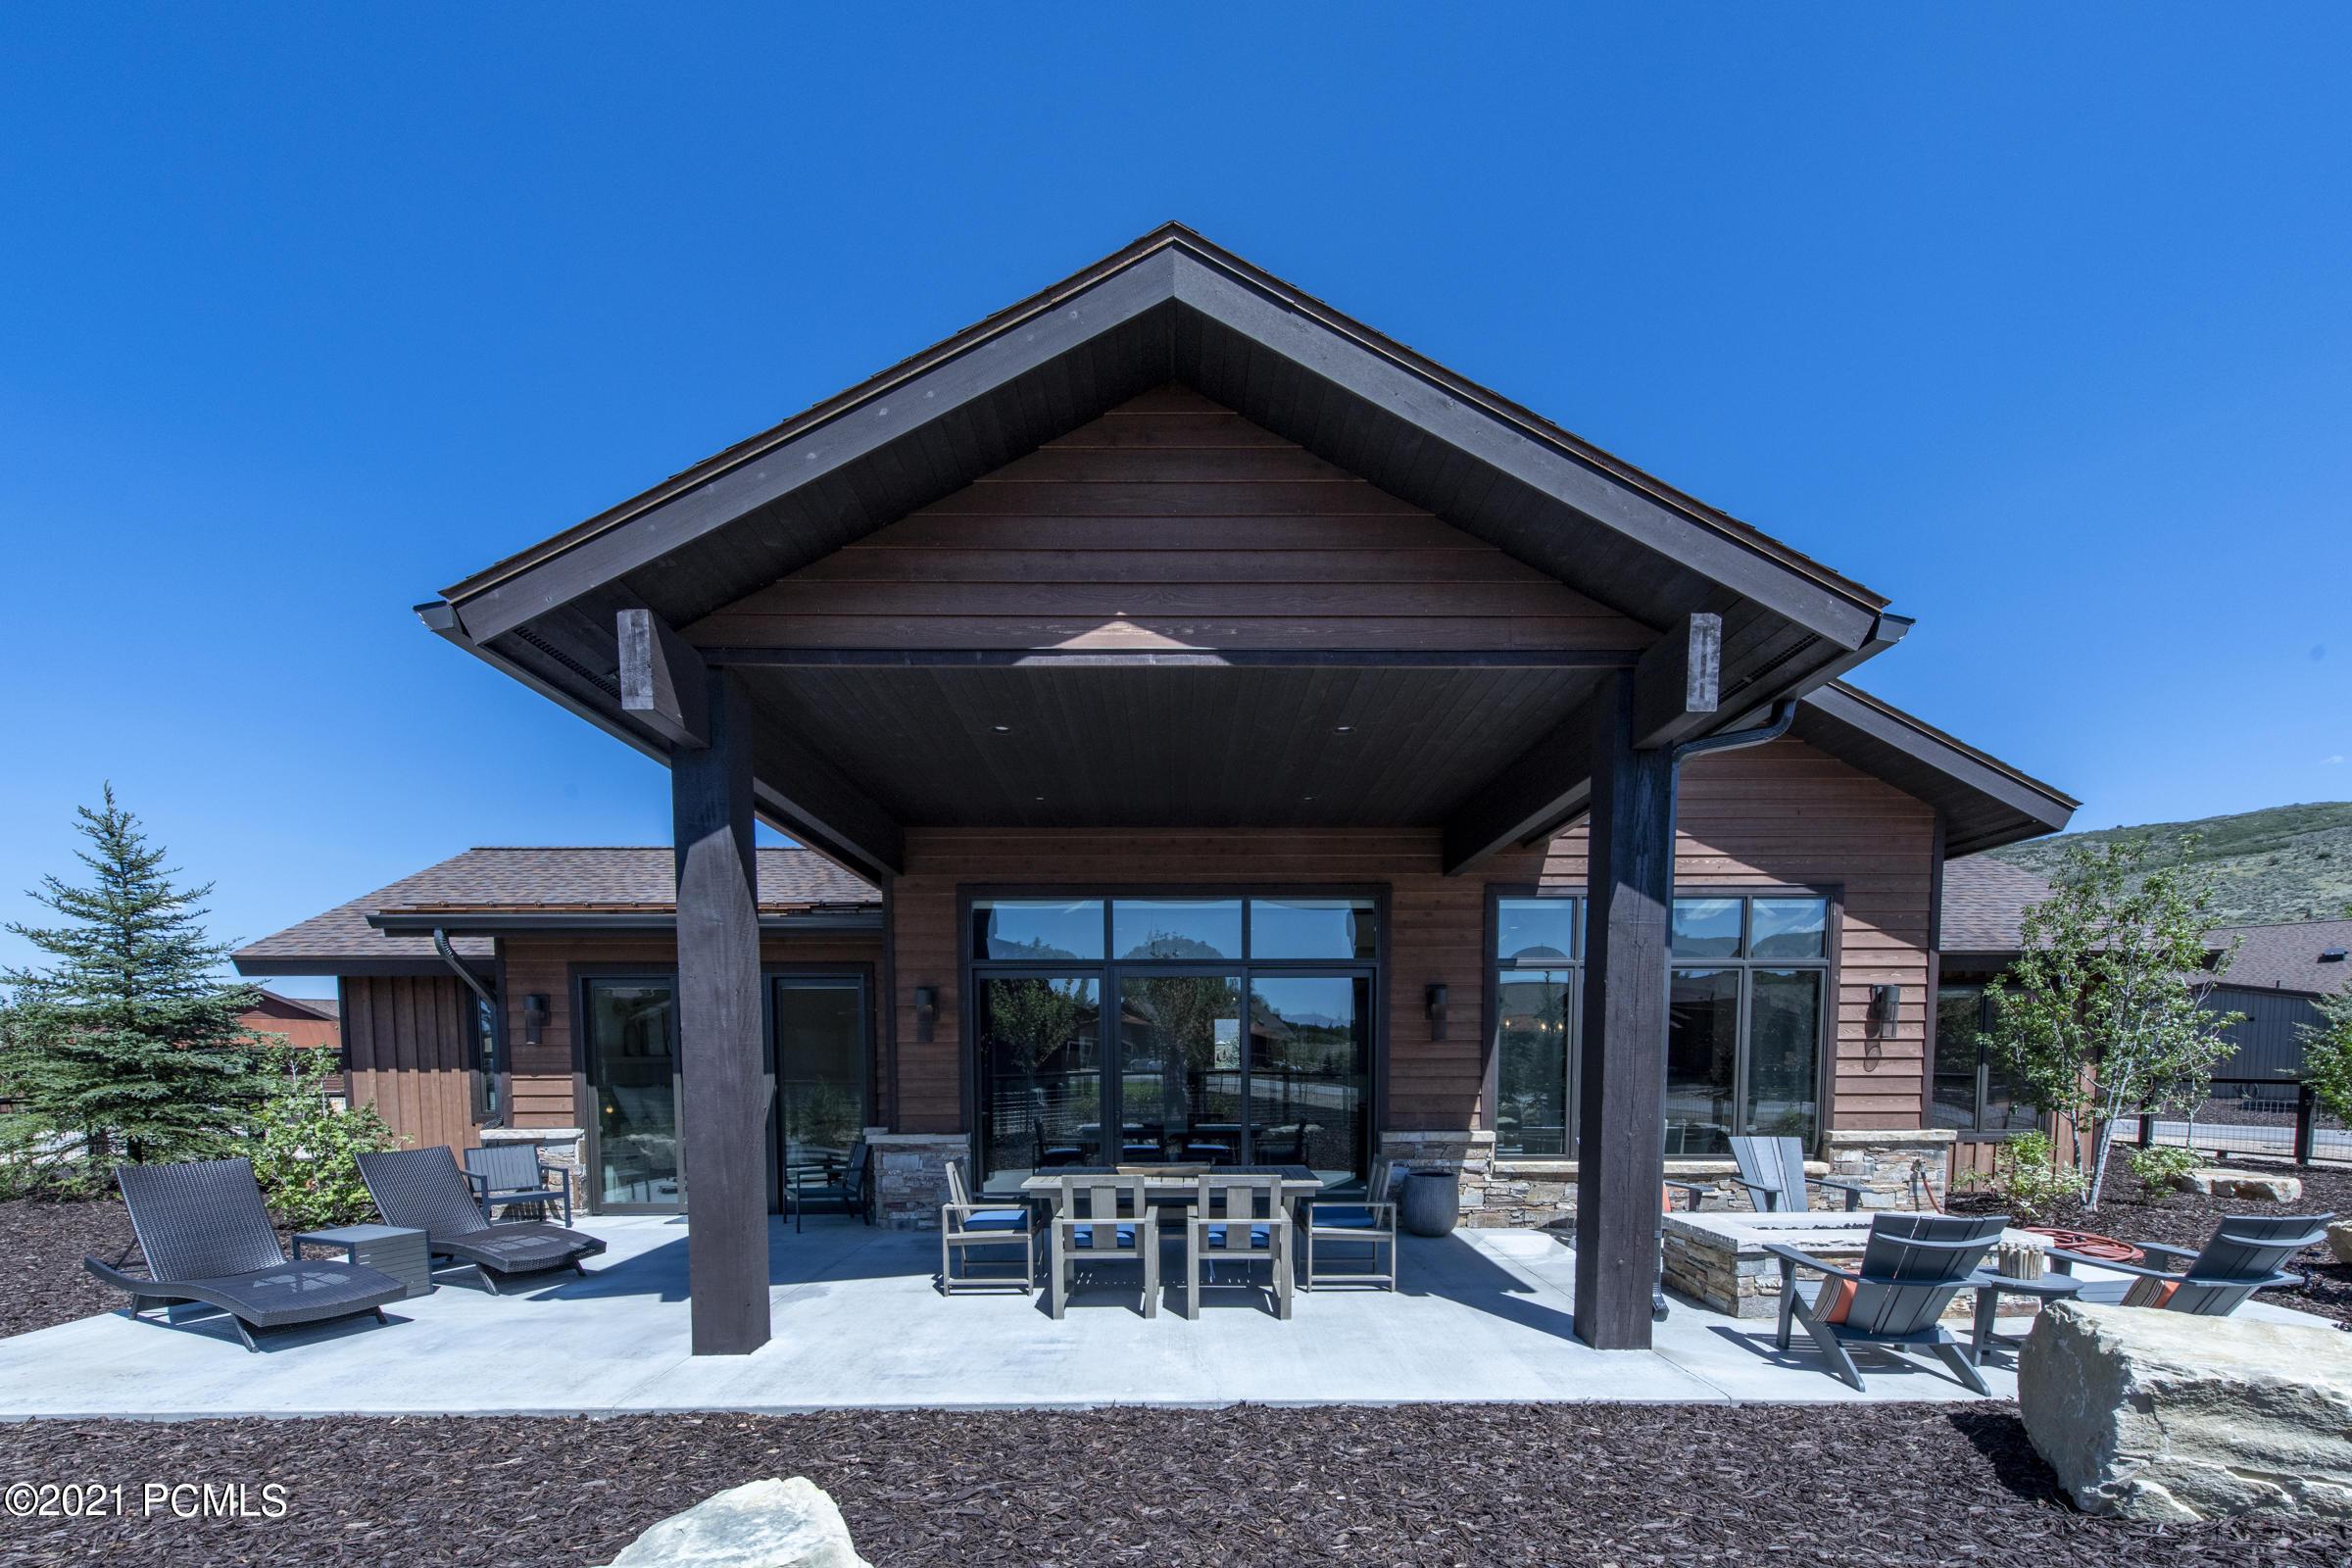 372 Thorn Creek Drive, Kamas, Utah 84036, 3 Bedrooms Bedrooms, ,3 BathroomsBathrooms,Single Family,For Sale,Thorn Creek,12103491